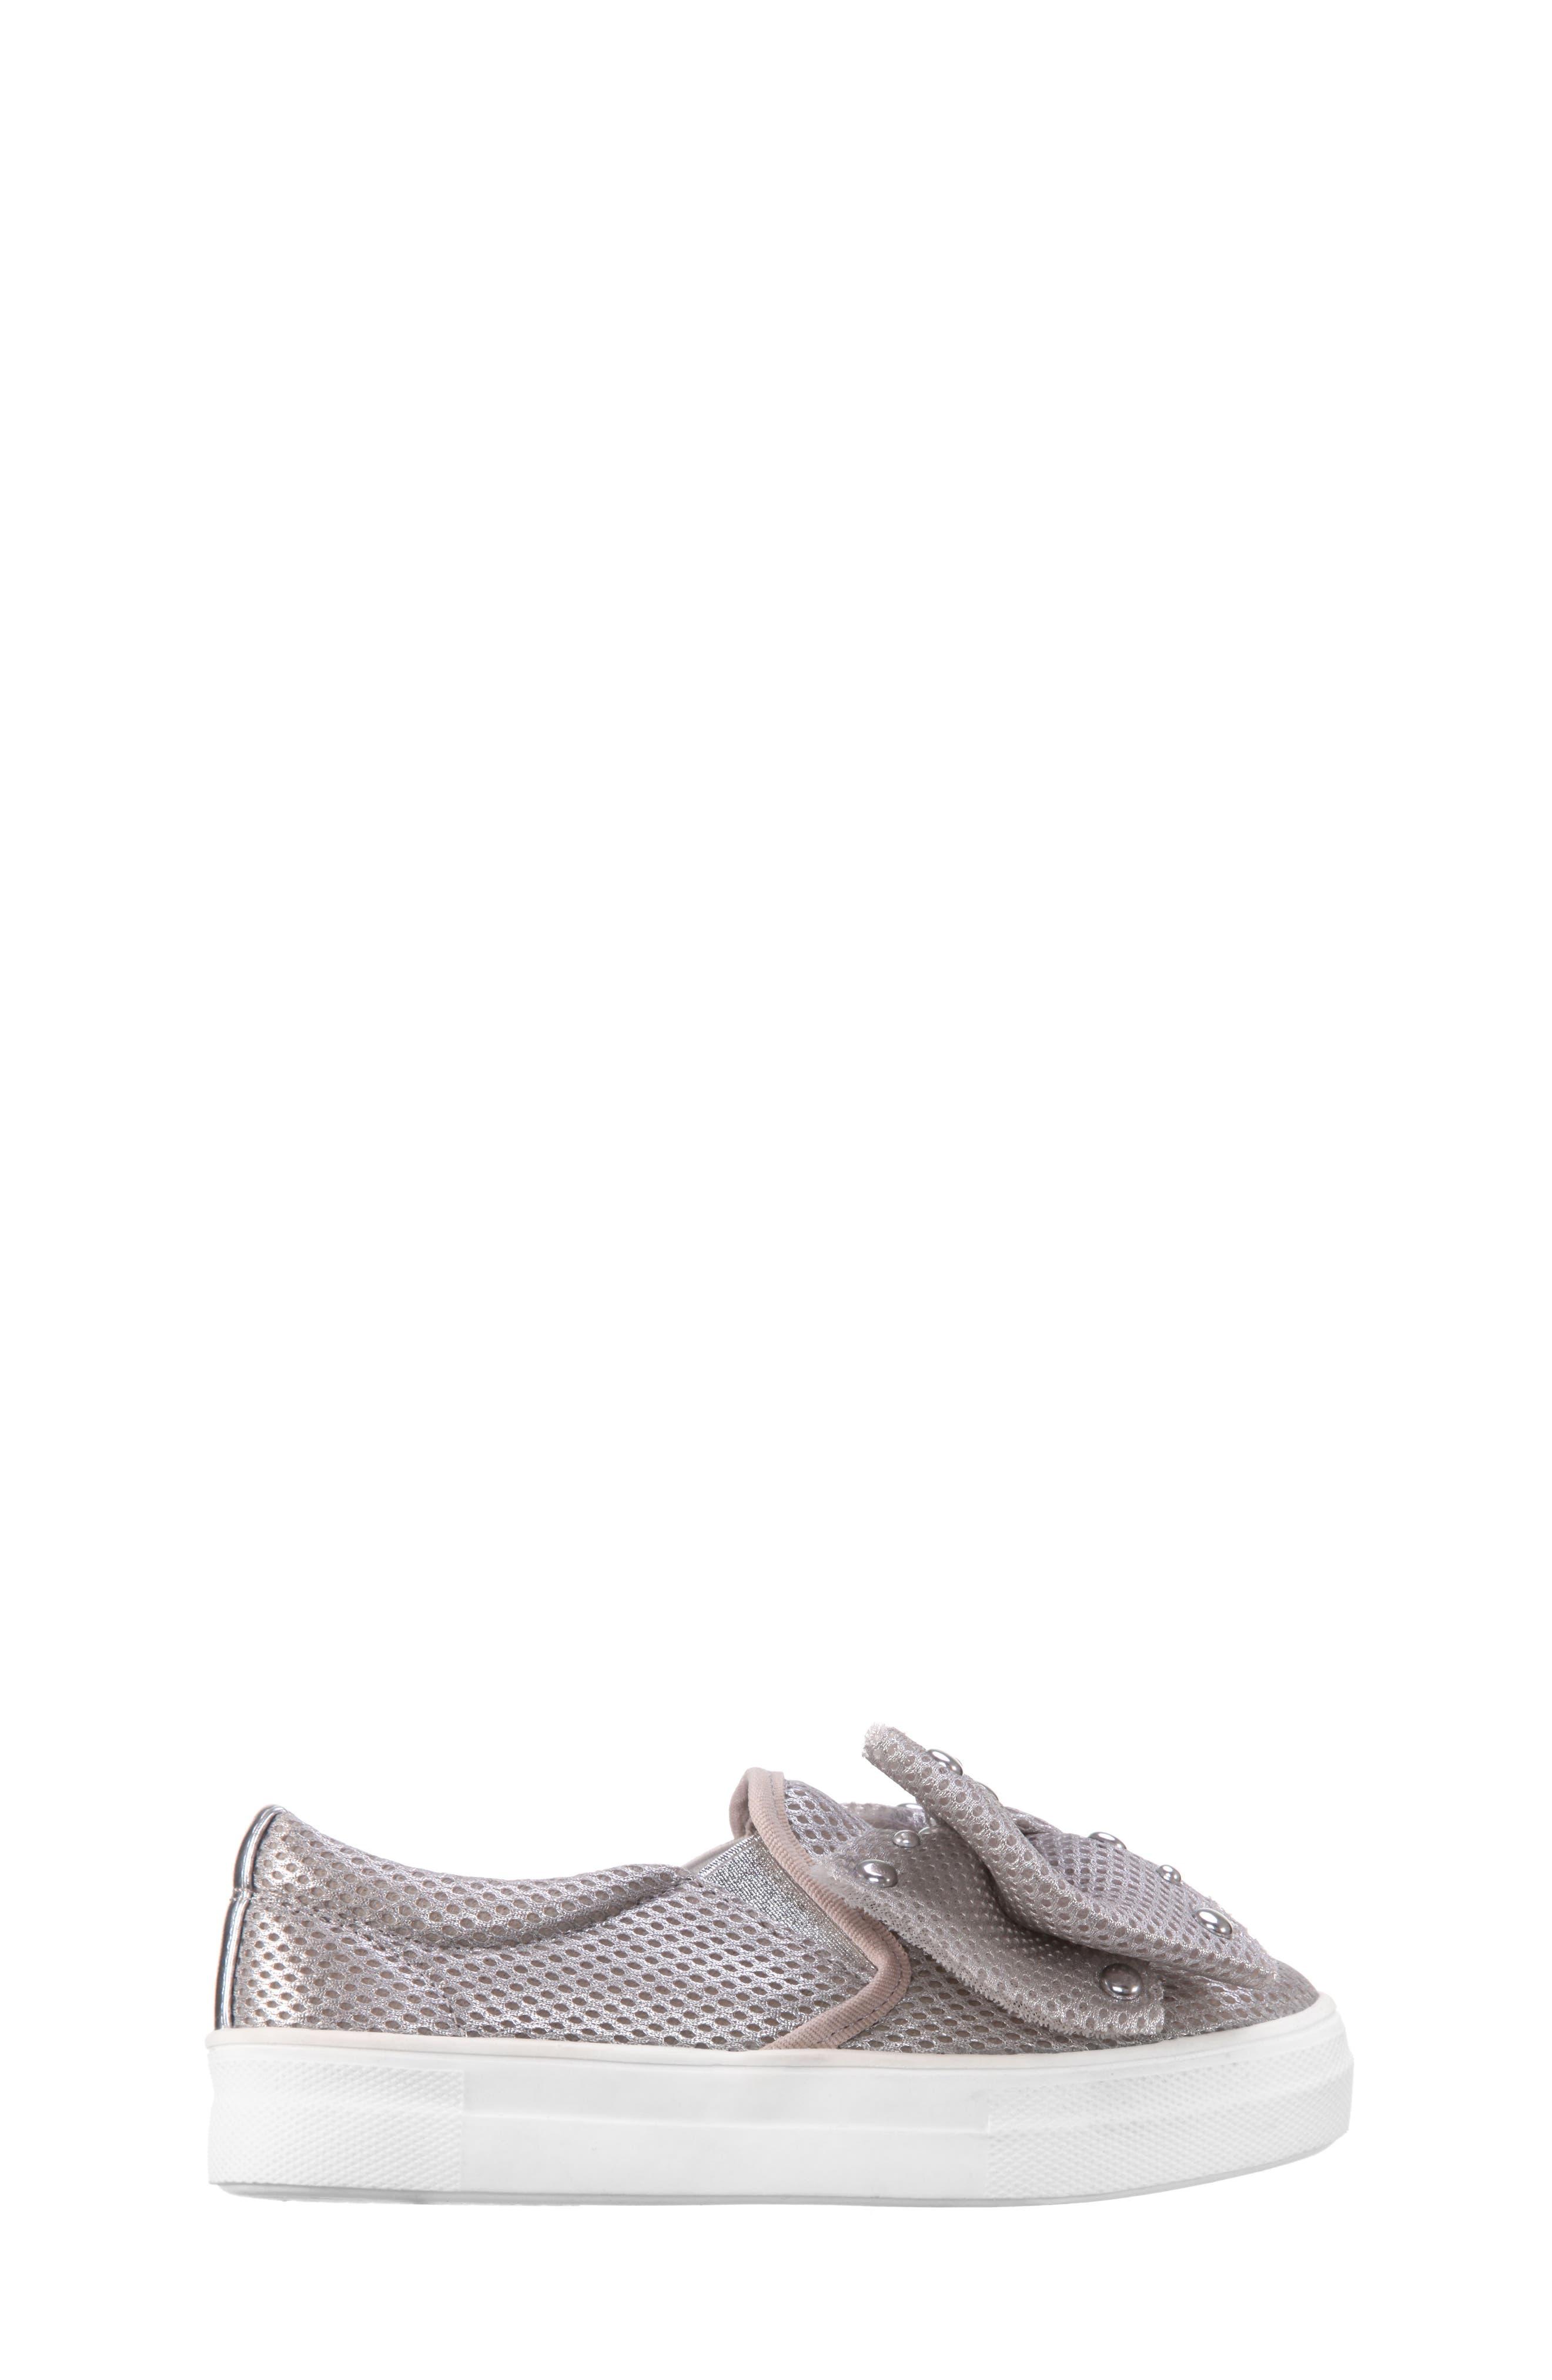 Mary Bow Slip-On Sneaker,                             Alternate thumbnail 3, color,                             040